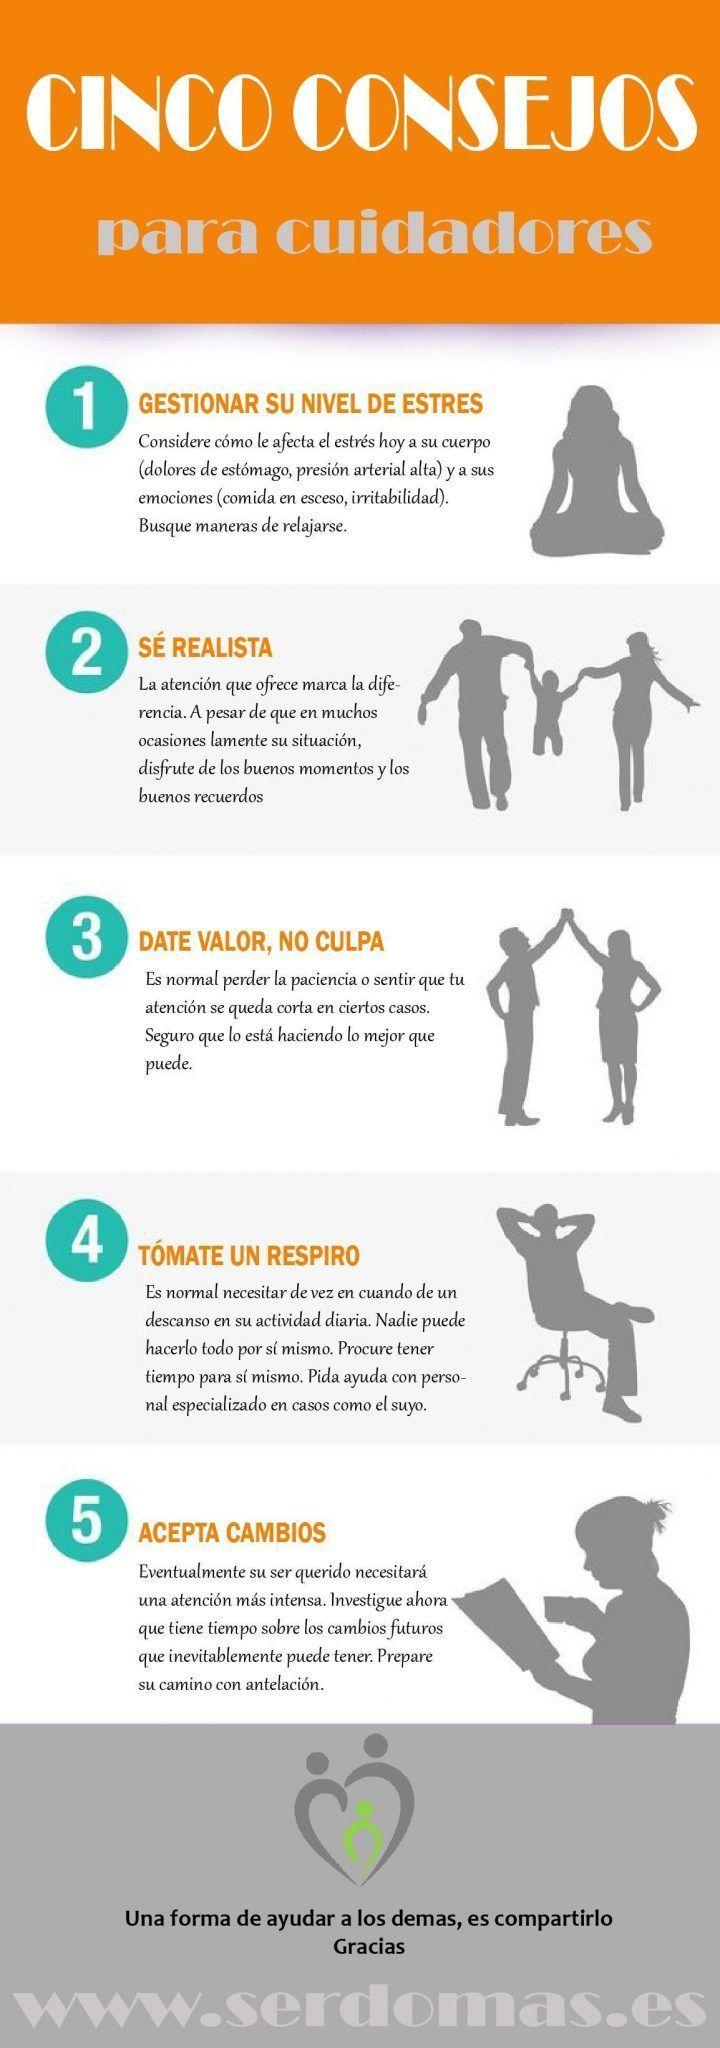 Cinco consejos para cuidadores